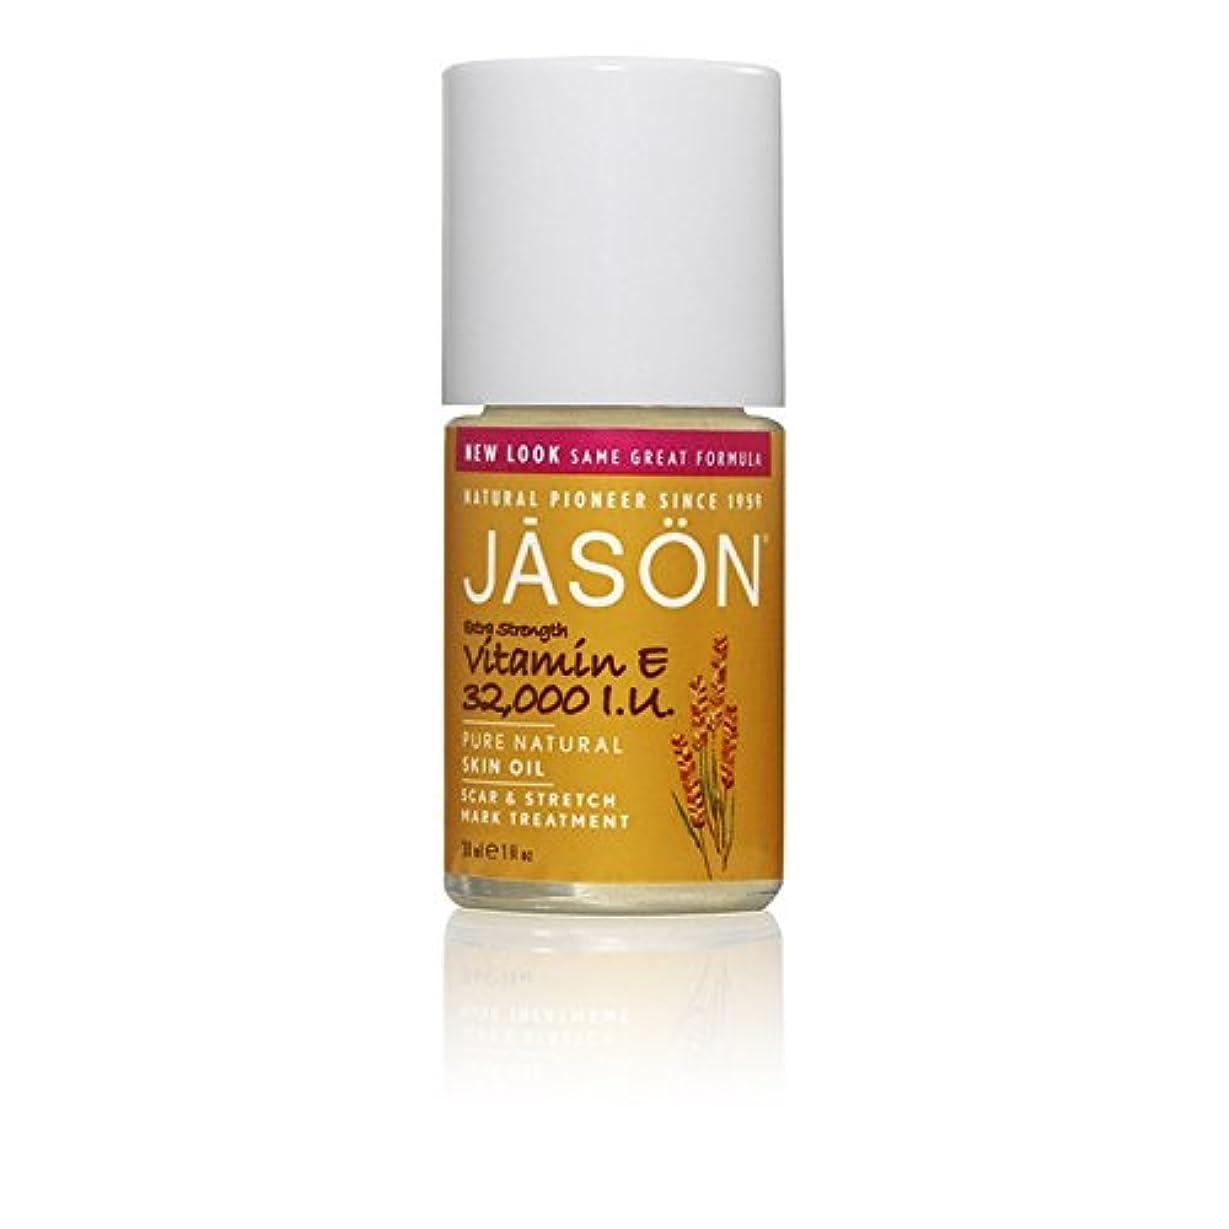 から聞くリマークサーキットに行くJason Vitamin E 32,000iu Oil Scar & Stretch Mark Treatment 33ml (Pack of 6) - ジェイソン?ビタミン 32,000オイル傷跡&ストレッチマークトリートメント...